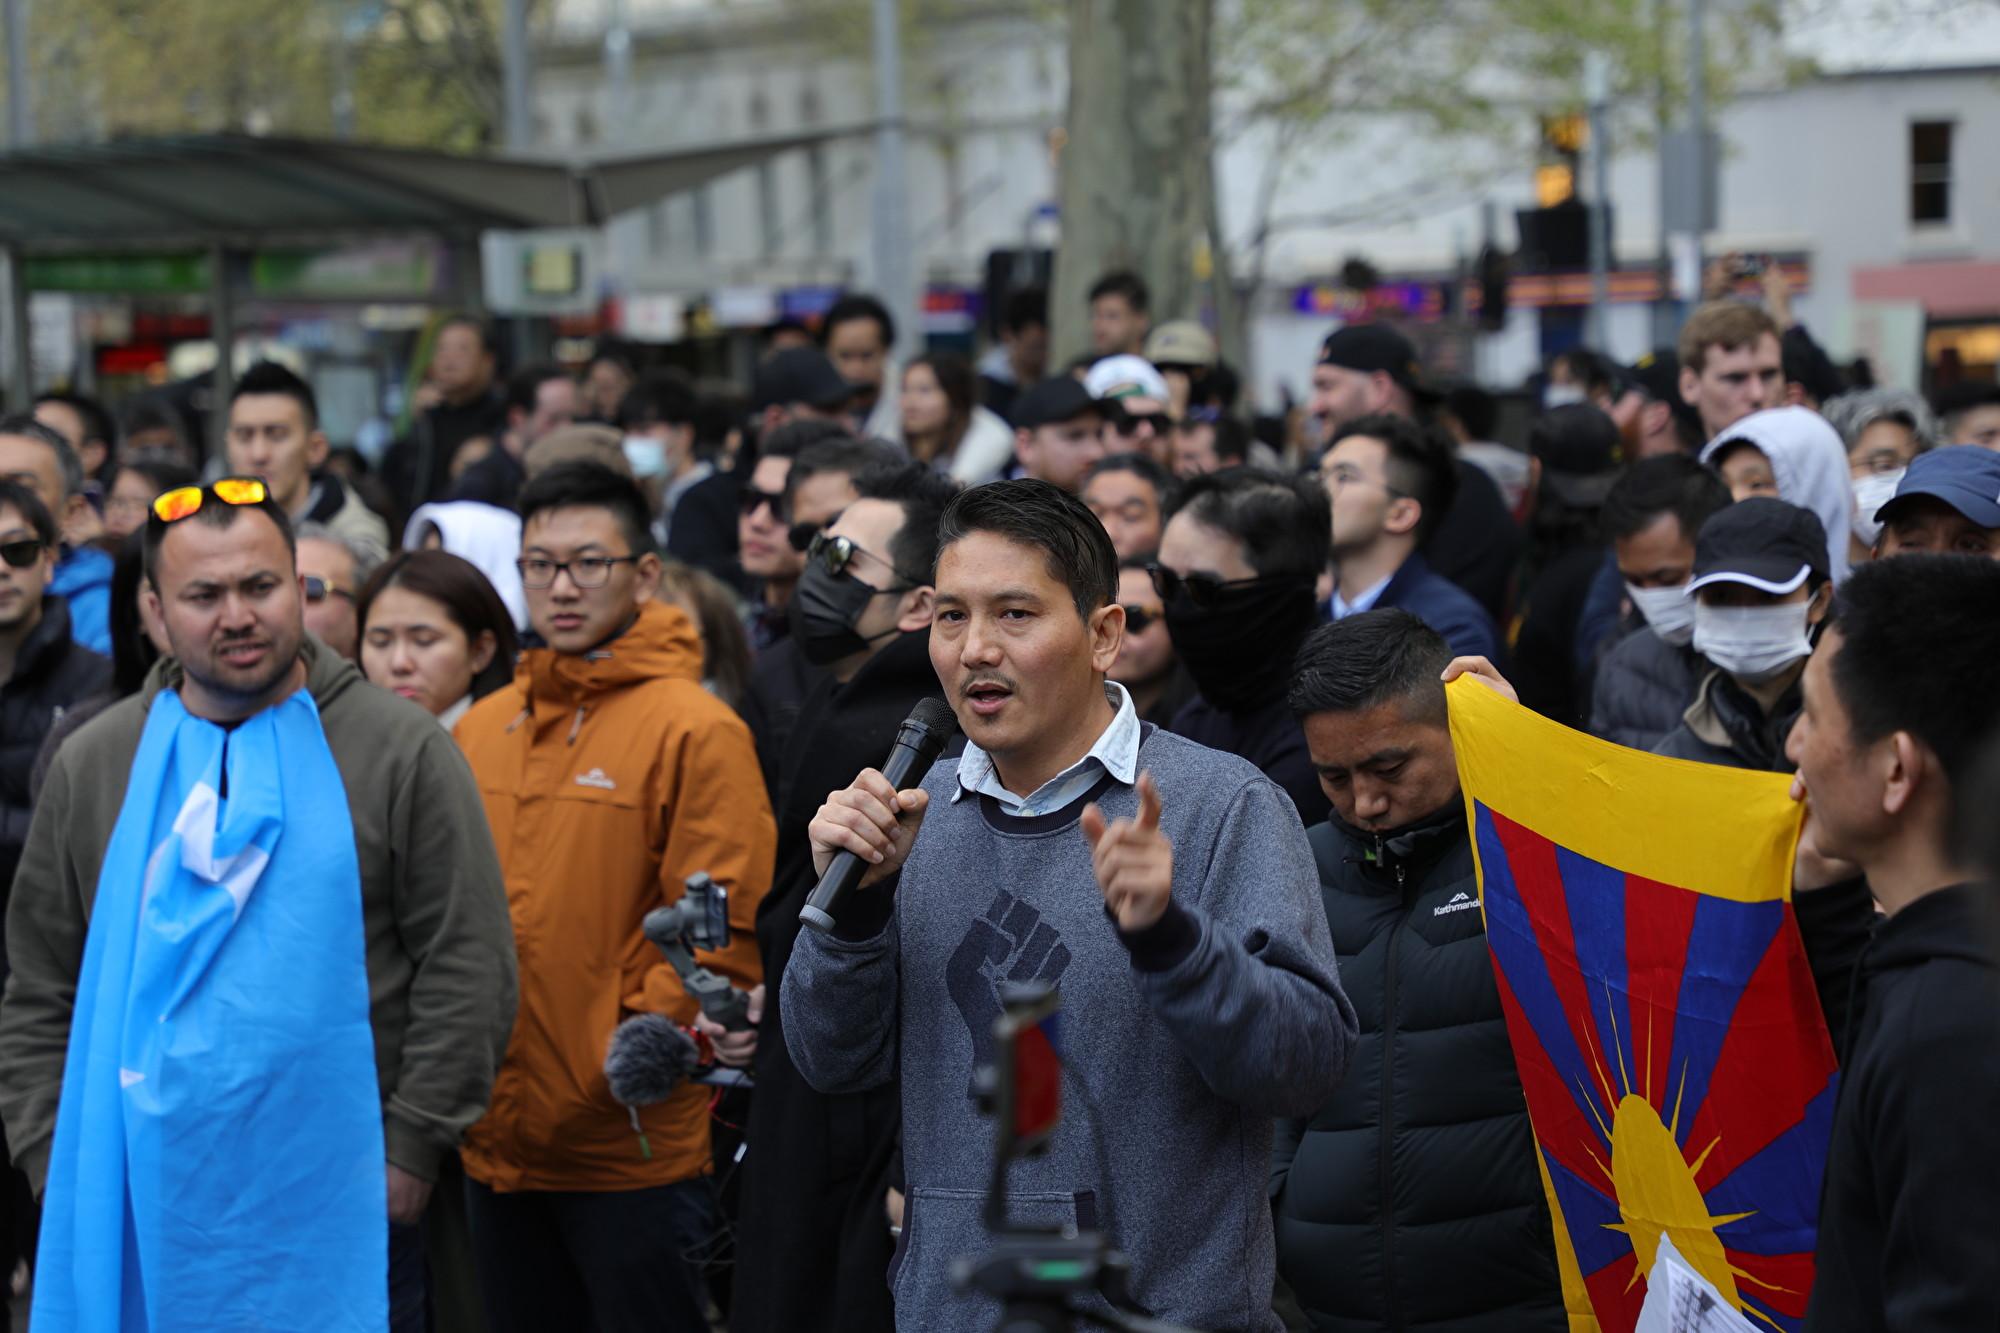 2019年9月29日,維州西藏社區主席丹增坎薩(Tenzin Khangsar)在集會中發言。(Grace Yu/大紀元)